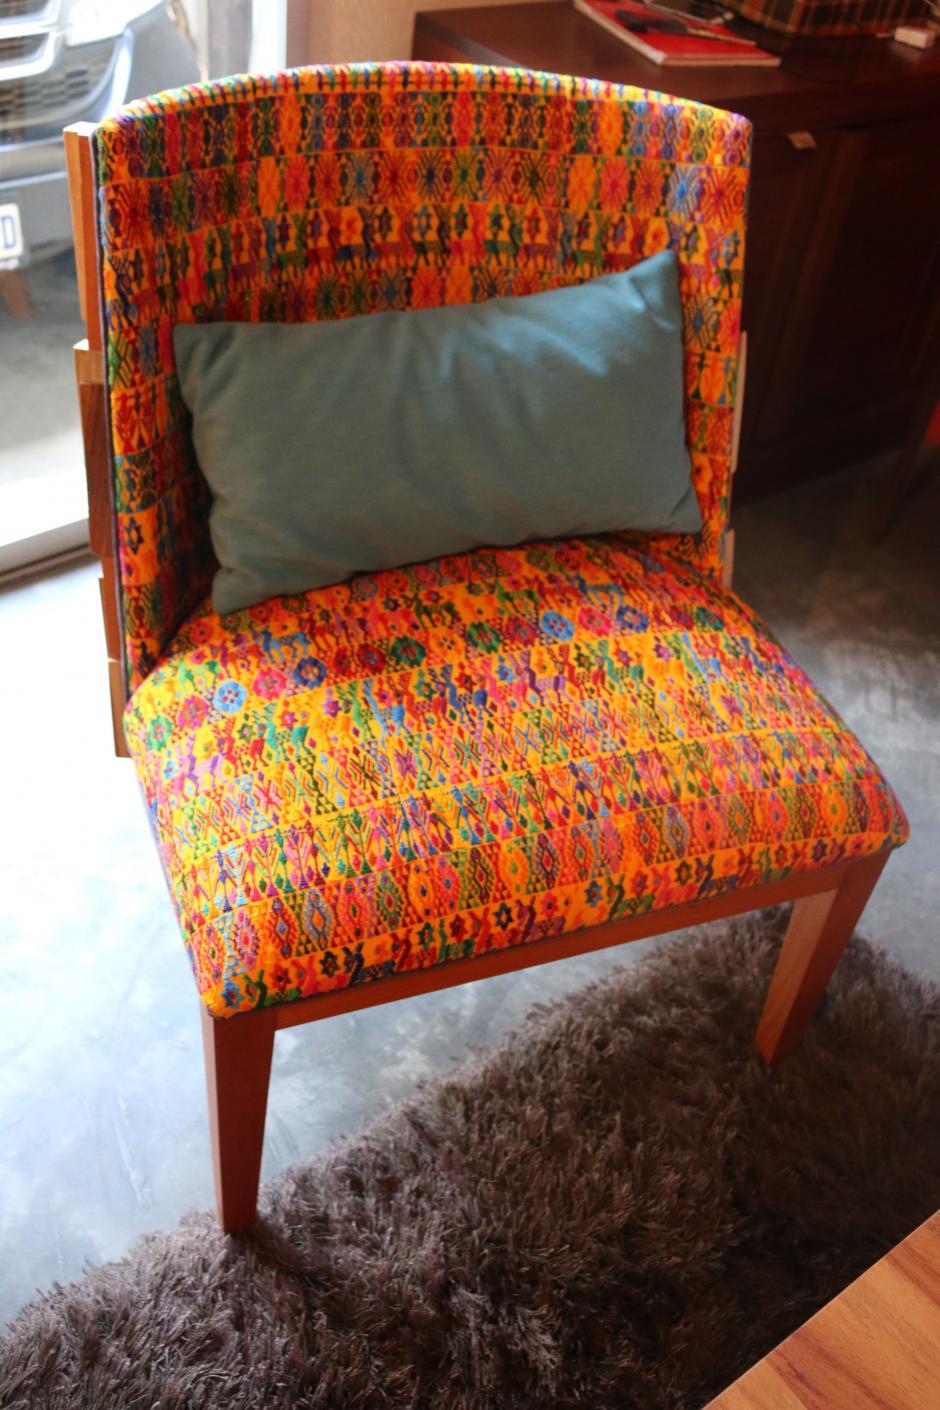 Fredy utiliza telas típicas para impregnar la cultura guatemalteca en los muebles que fabrica. (Foto: Agexport)